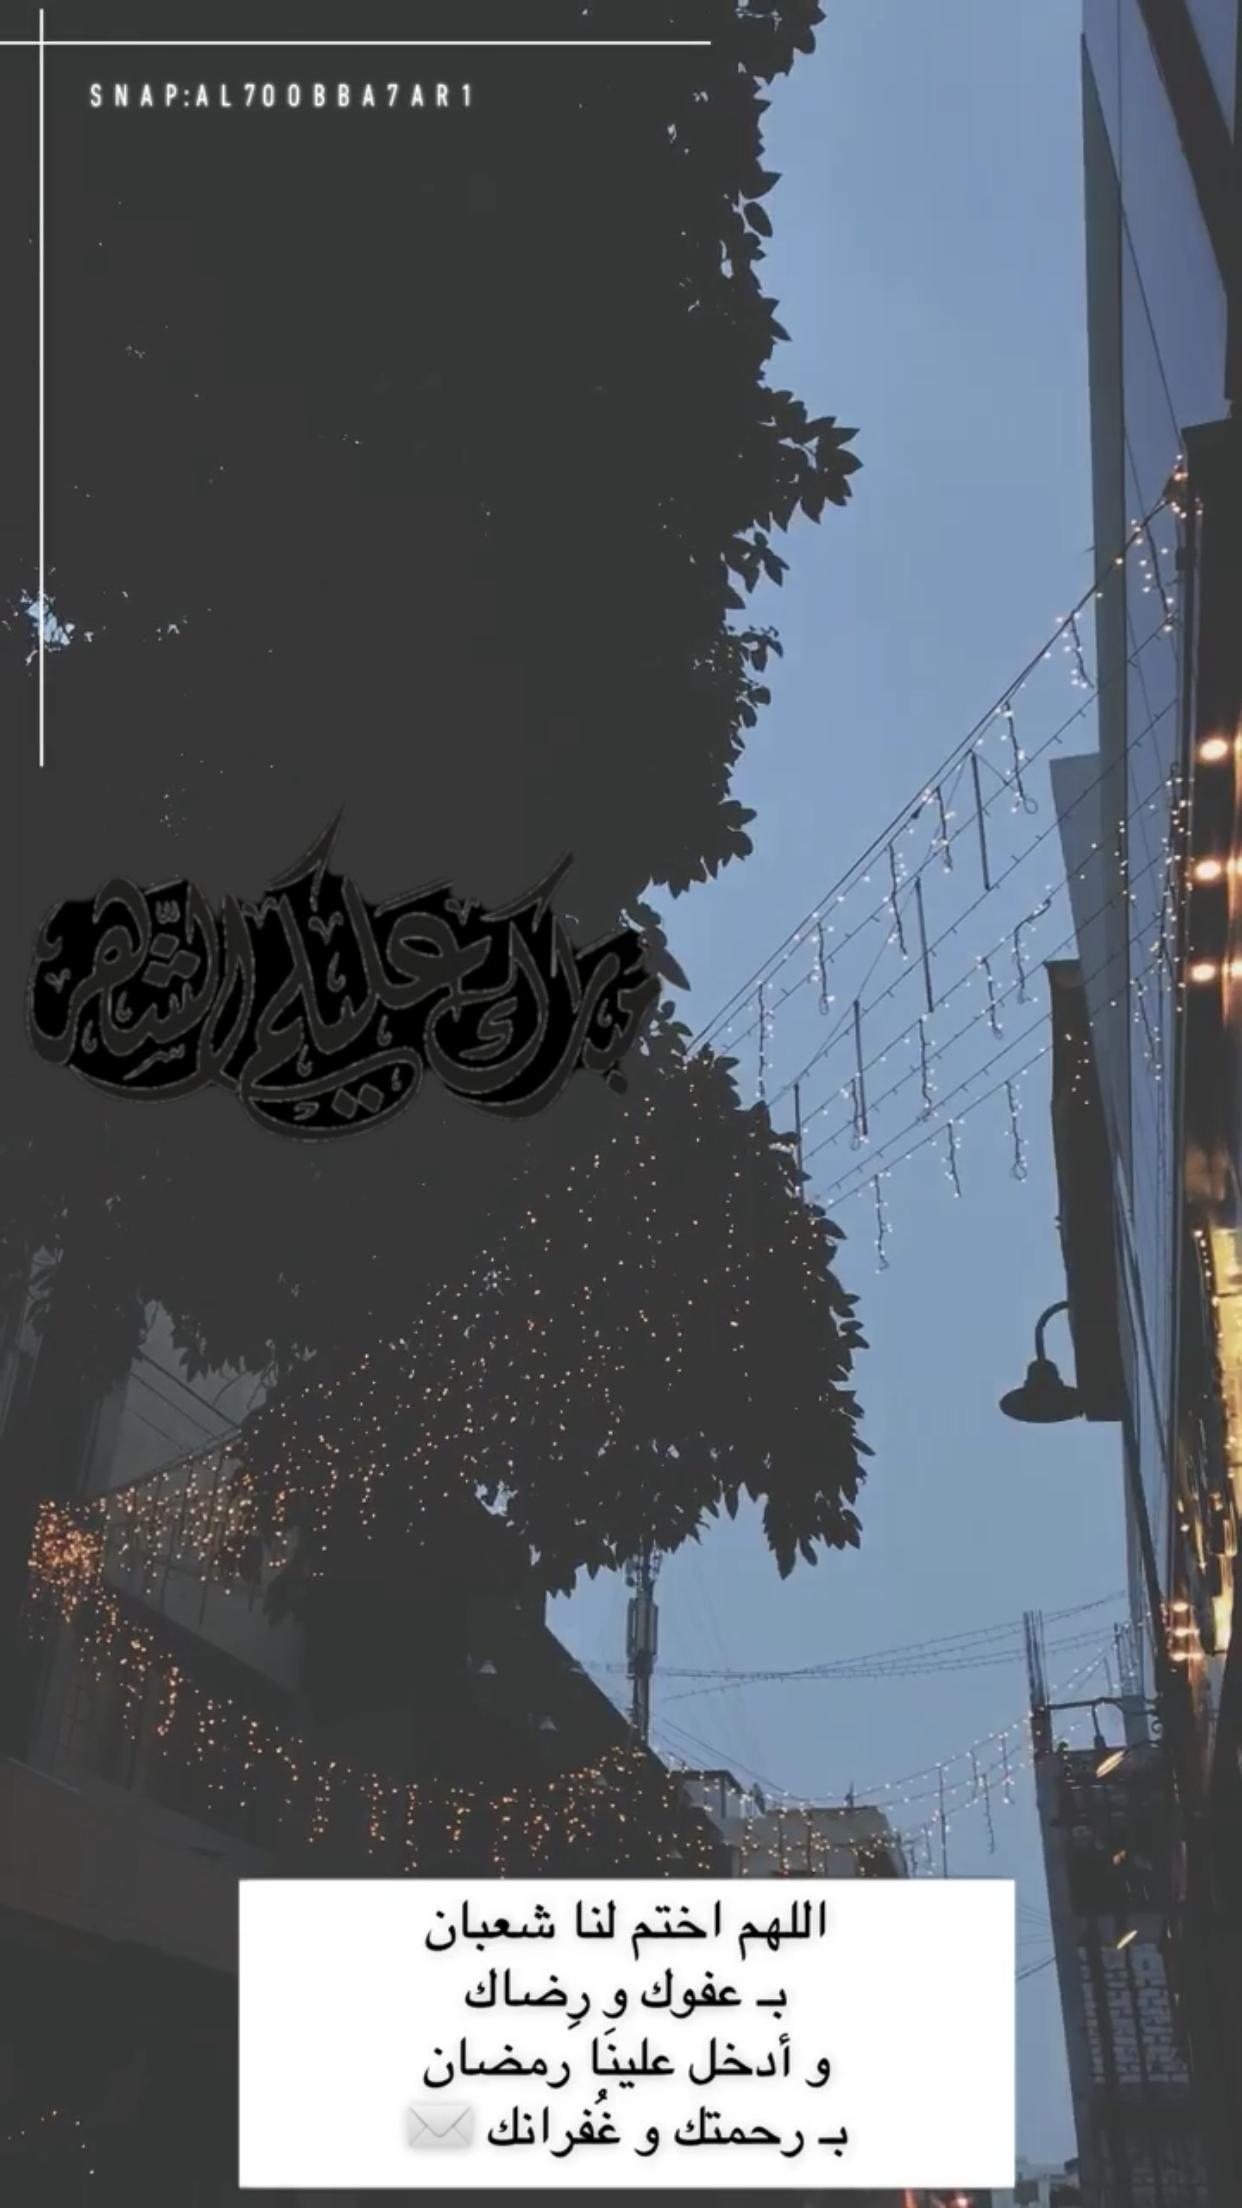 هاهو الشهر قد طويت أيامه ولياليه اللهم اختم لنا بما يرضيك عنا فإنما الأعمال بالخواتيم وذكر العشر الاواخر الحرم ا Ramadan Ceiling Lights Islamic Quotes